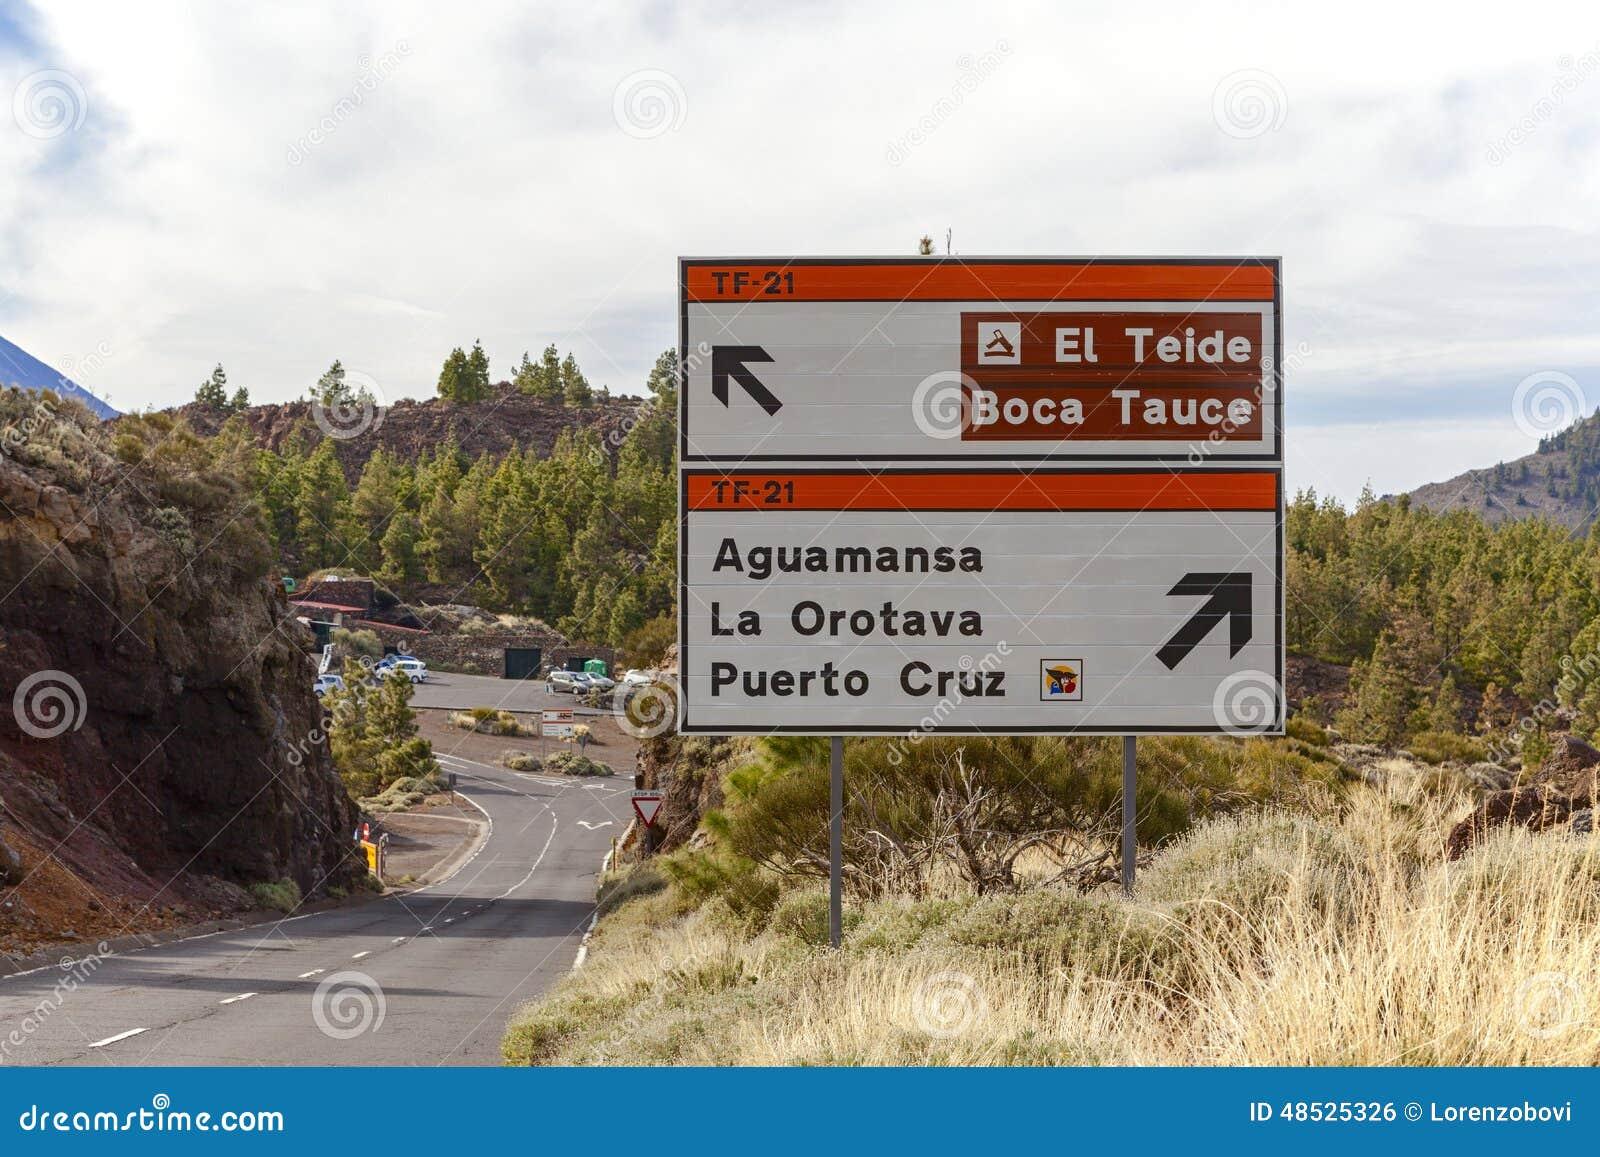 El teide road sign